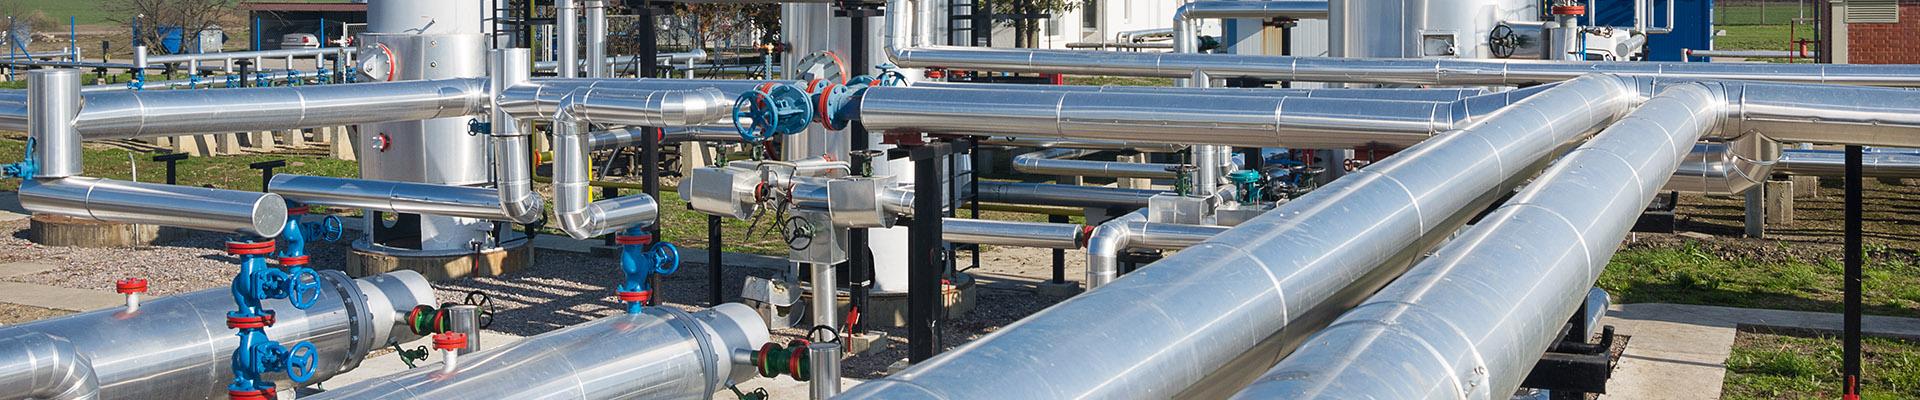 müller co-ax ag für Öl und Gas